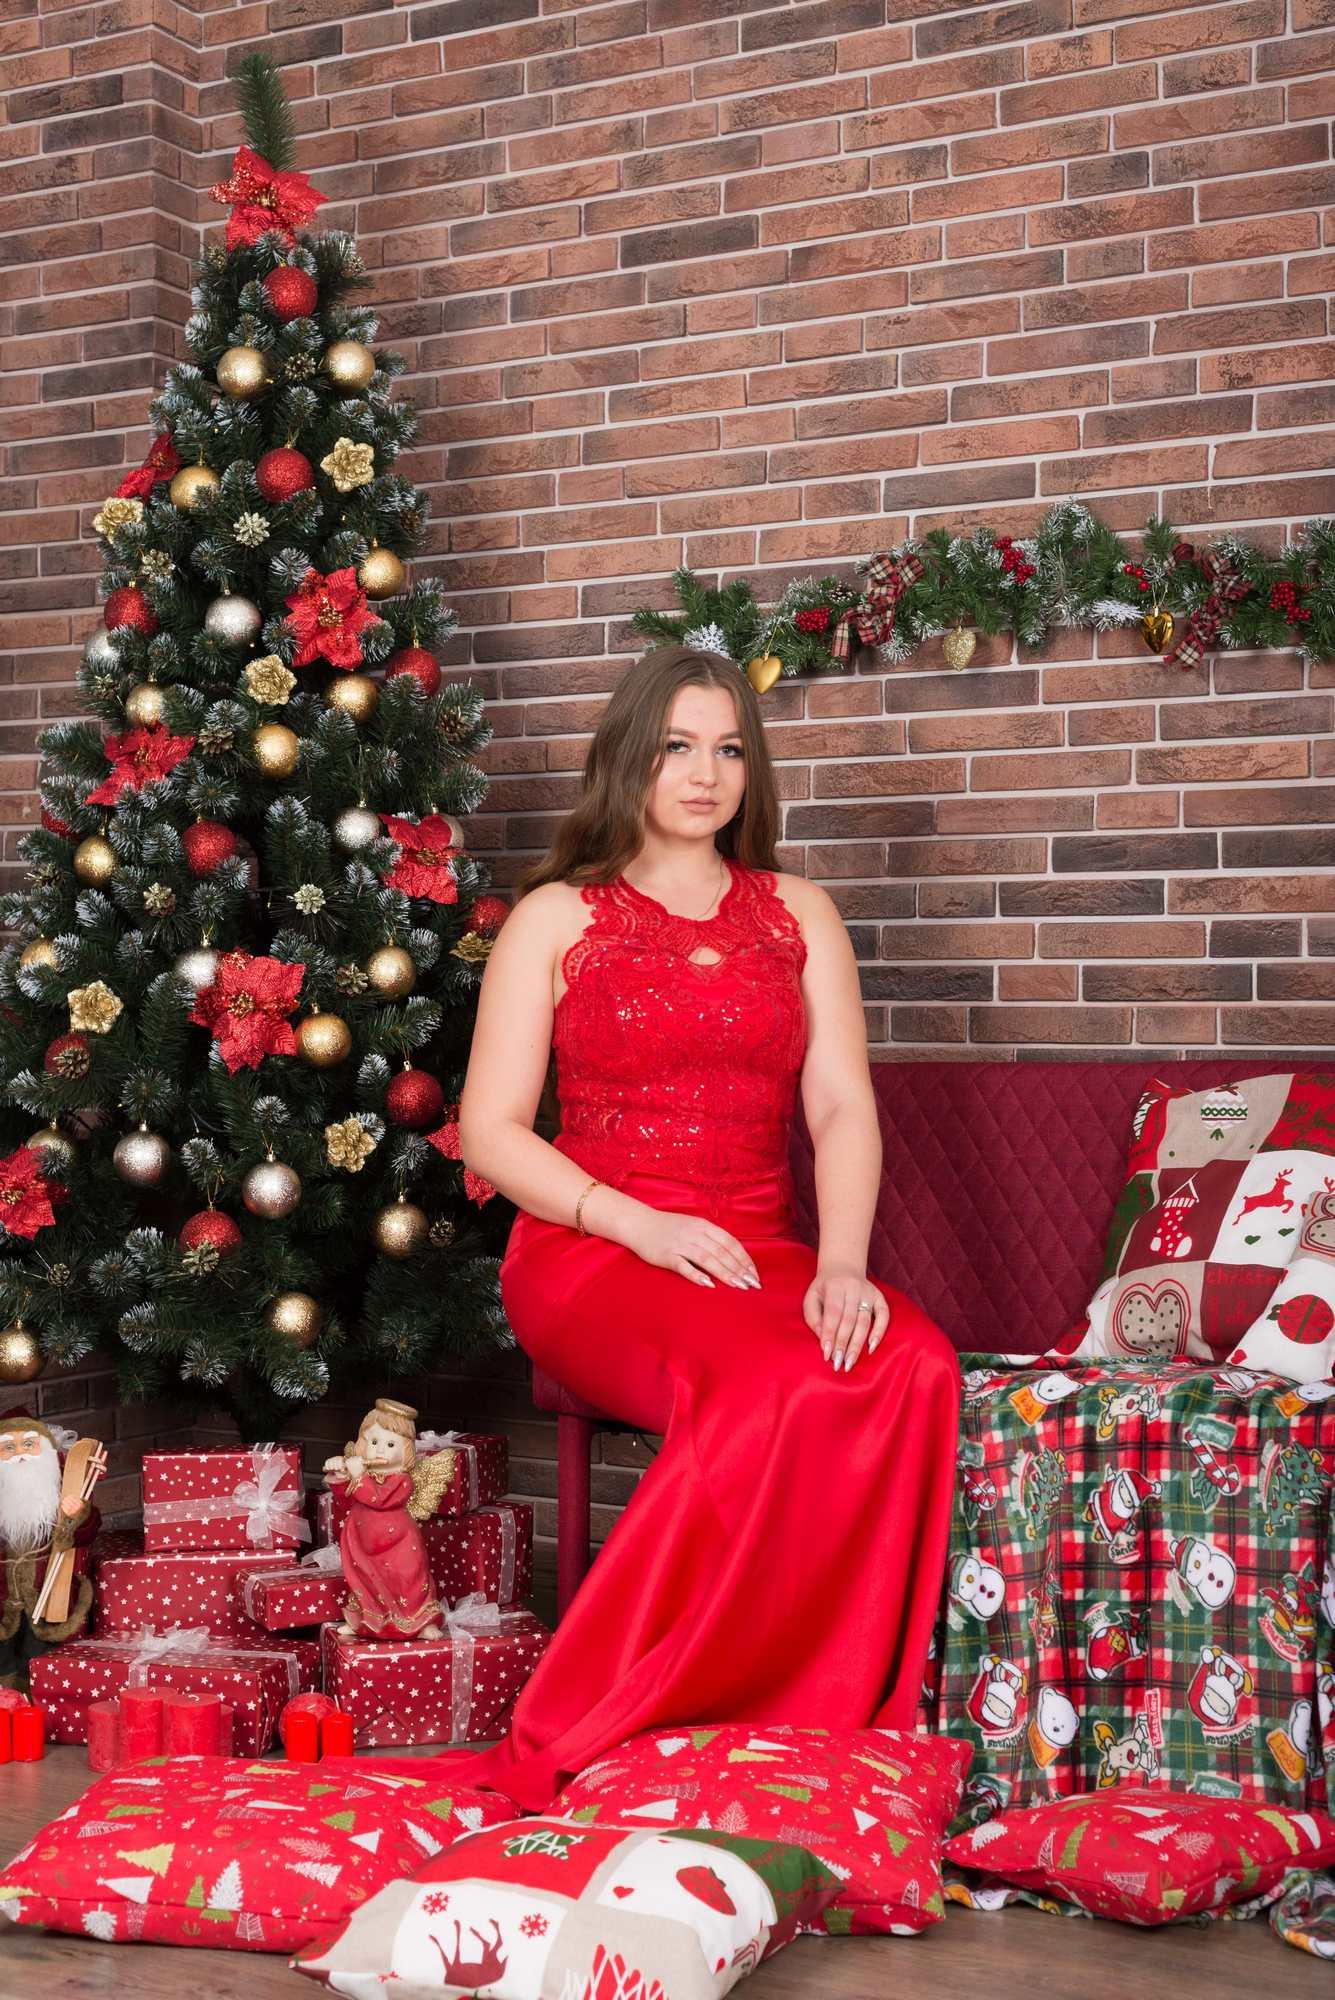 Новогодняя фотосессия в студии Amore - сидя возле елки